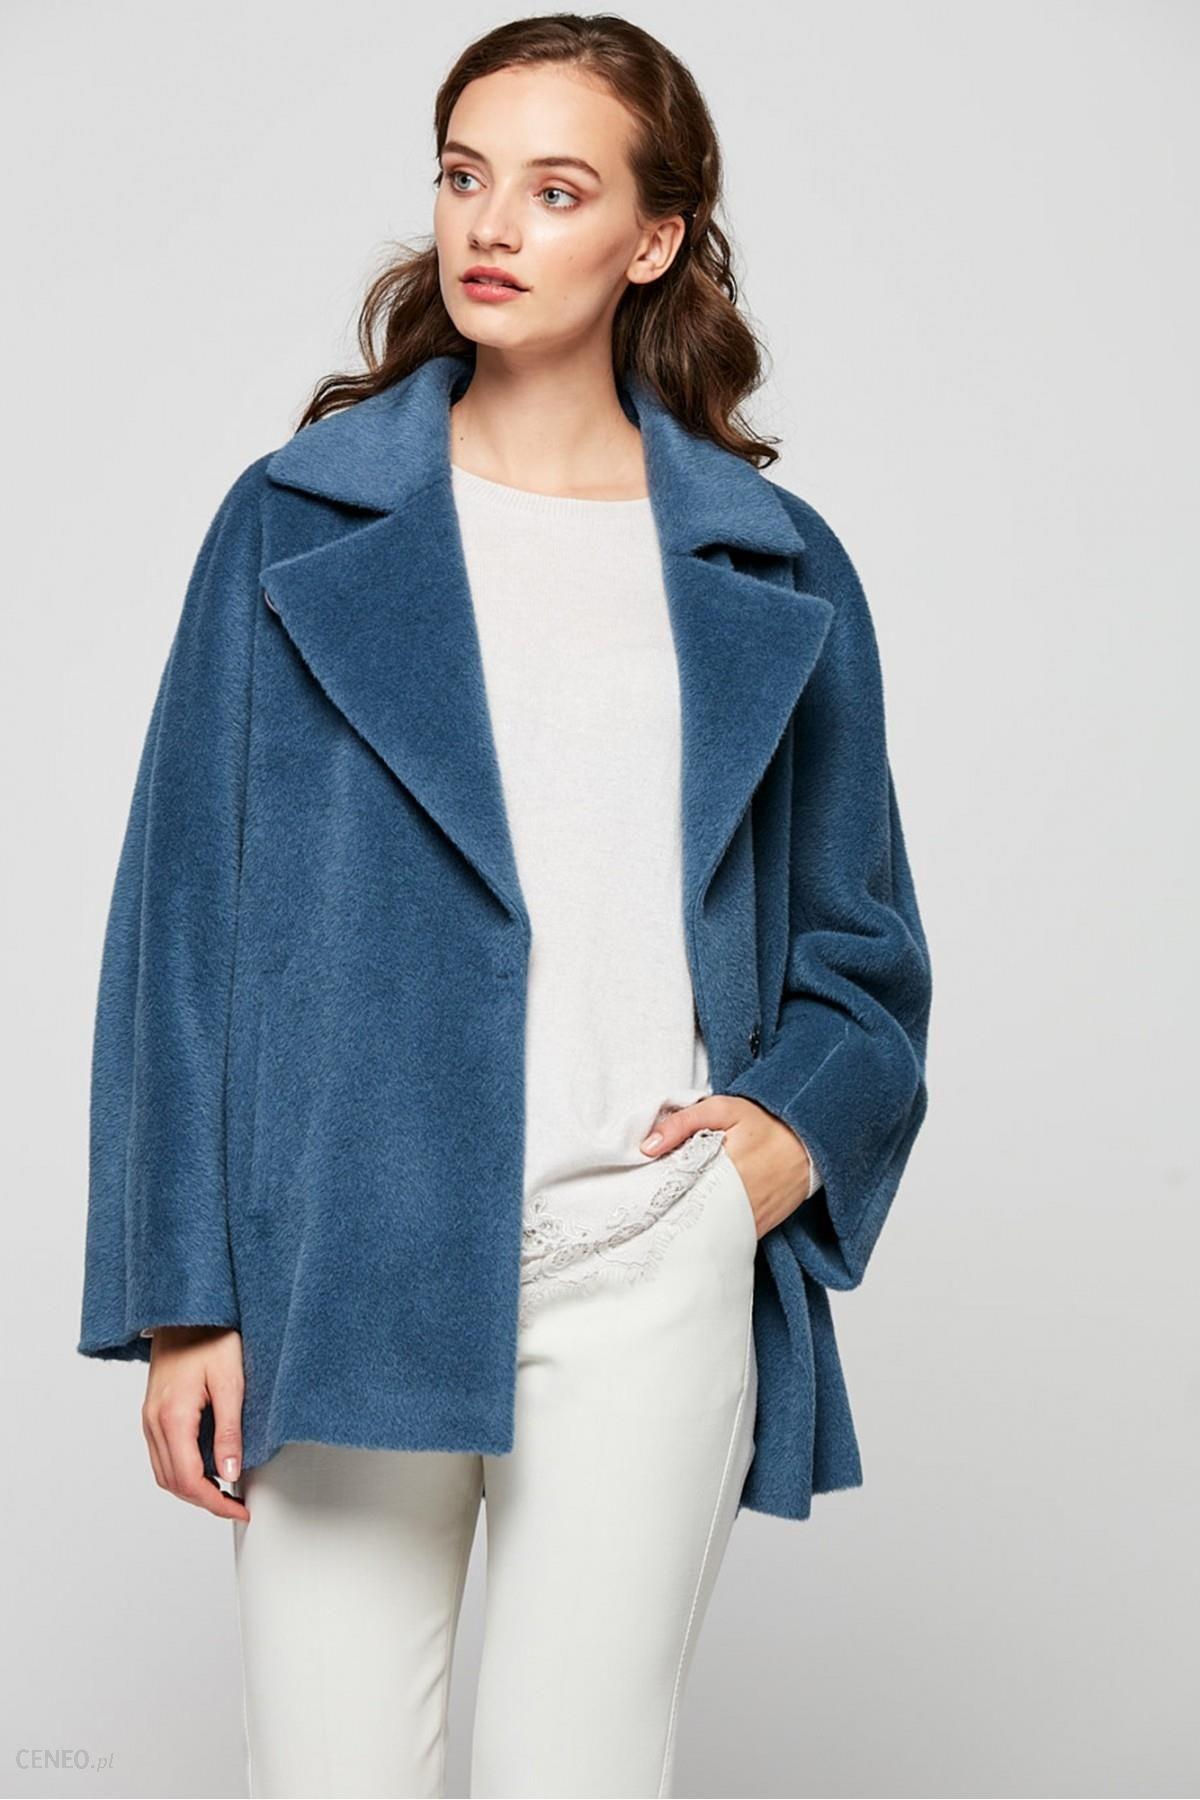 Płaszcz krótki kieszenie alpaka niebieski płaszcze sklep